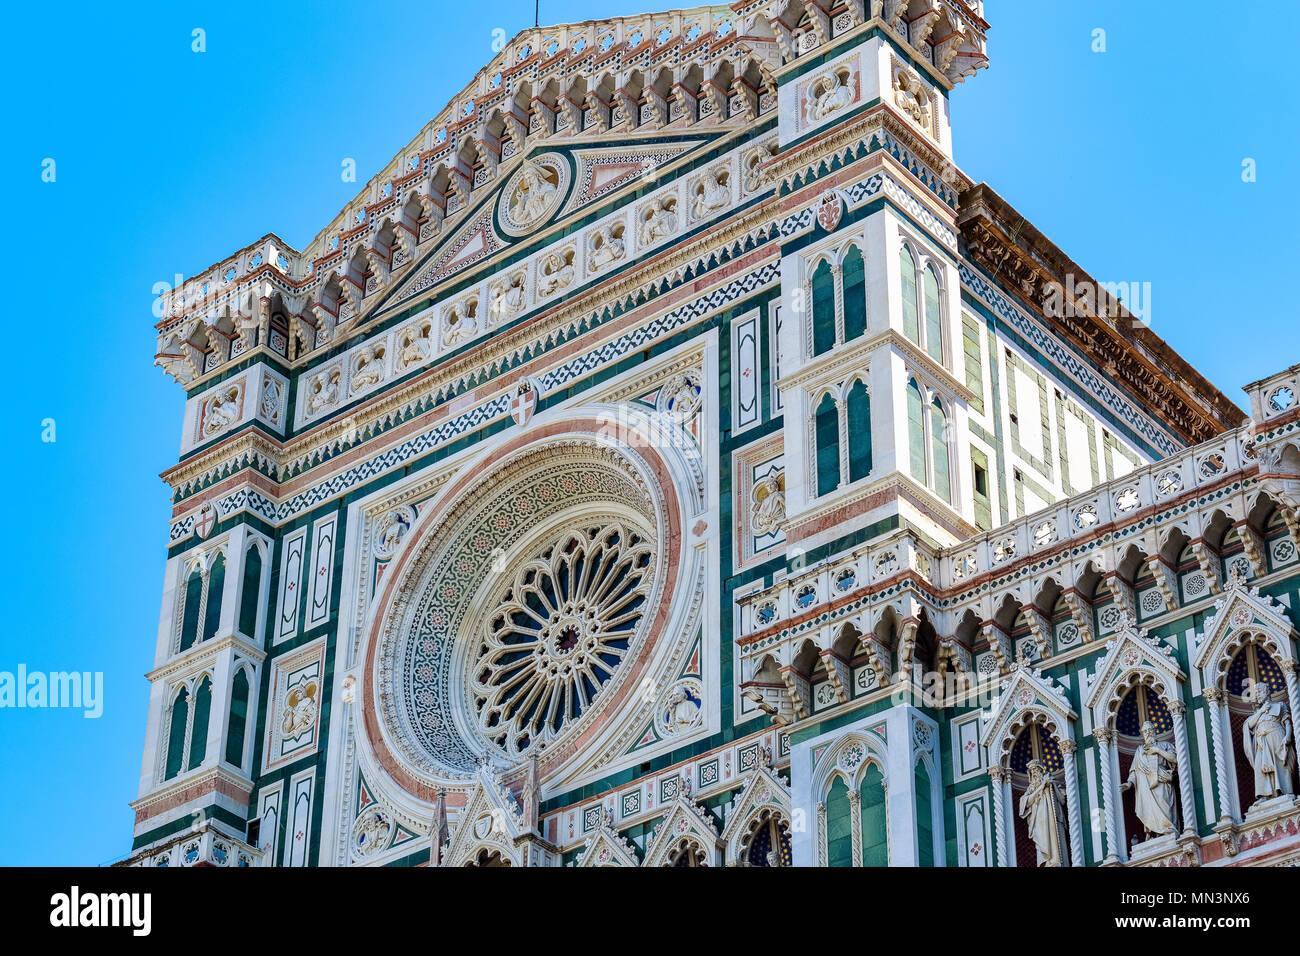 Fassade der Kathedrale Santa Maria del Fiore (Kathedrale der Heiligen Maria der Blume) in Florenz, Italien gegen einen wolkenlosen Himmel Stockbild